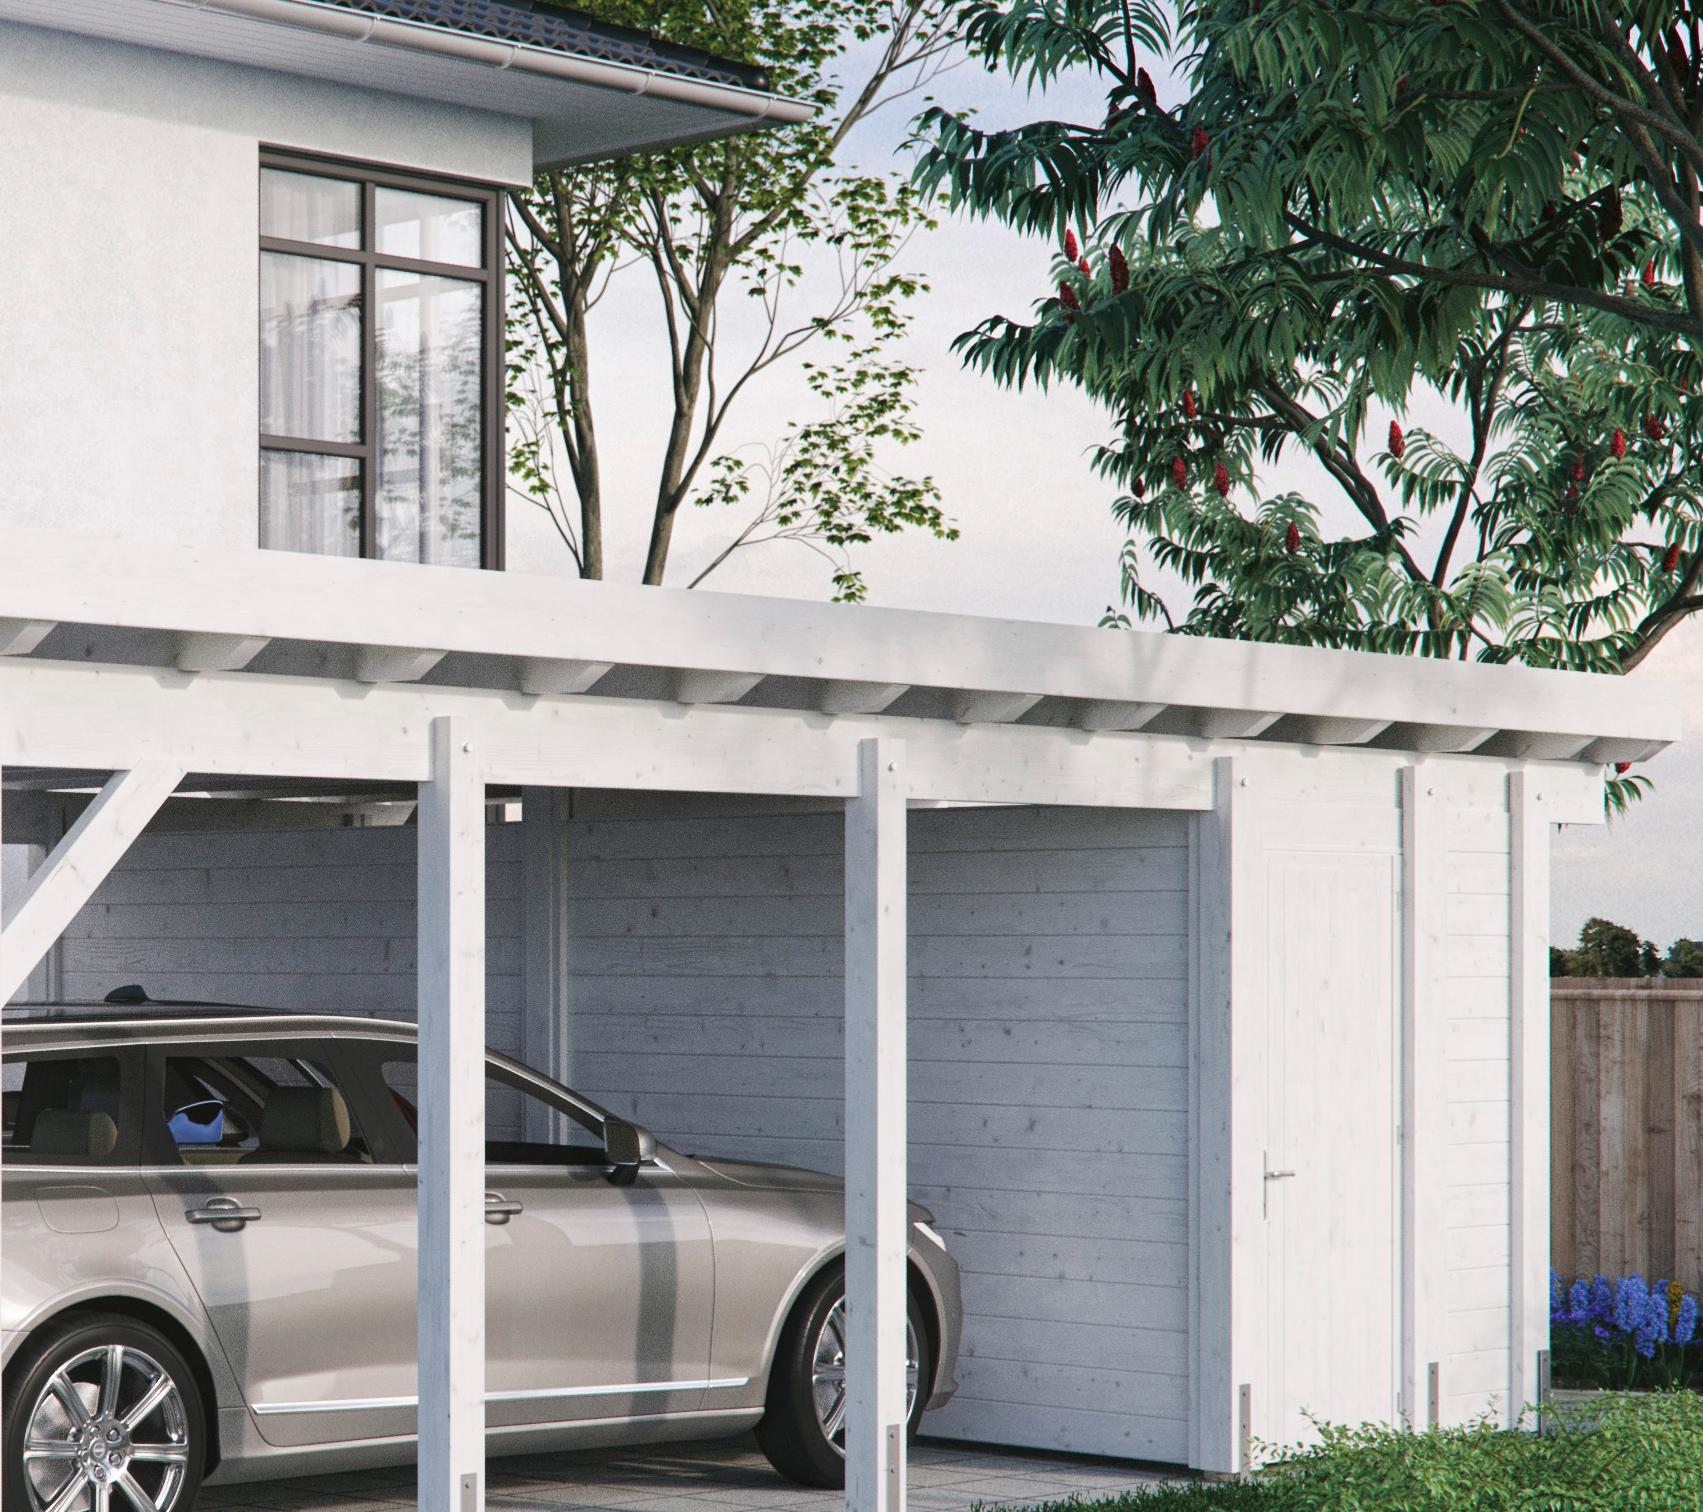 Kiehn-Holz Geräteraum BxT: 585x174 cm, nur für Carport KH 330/311, versch.Farben   Baumarkt > Garagen und Carports > Carports   Kiehn-Holz